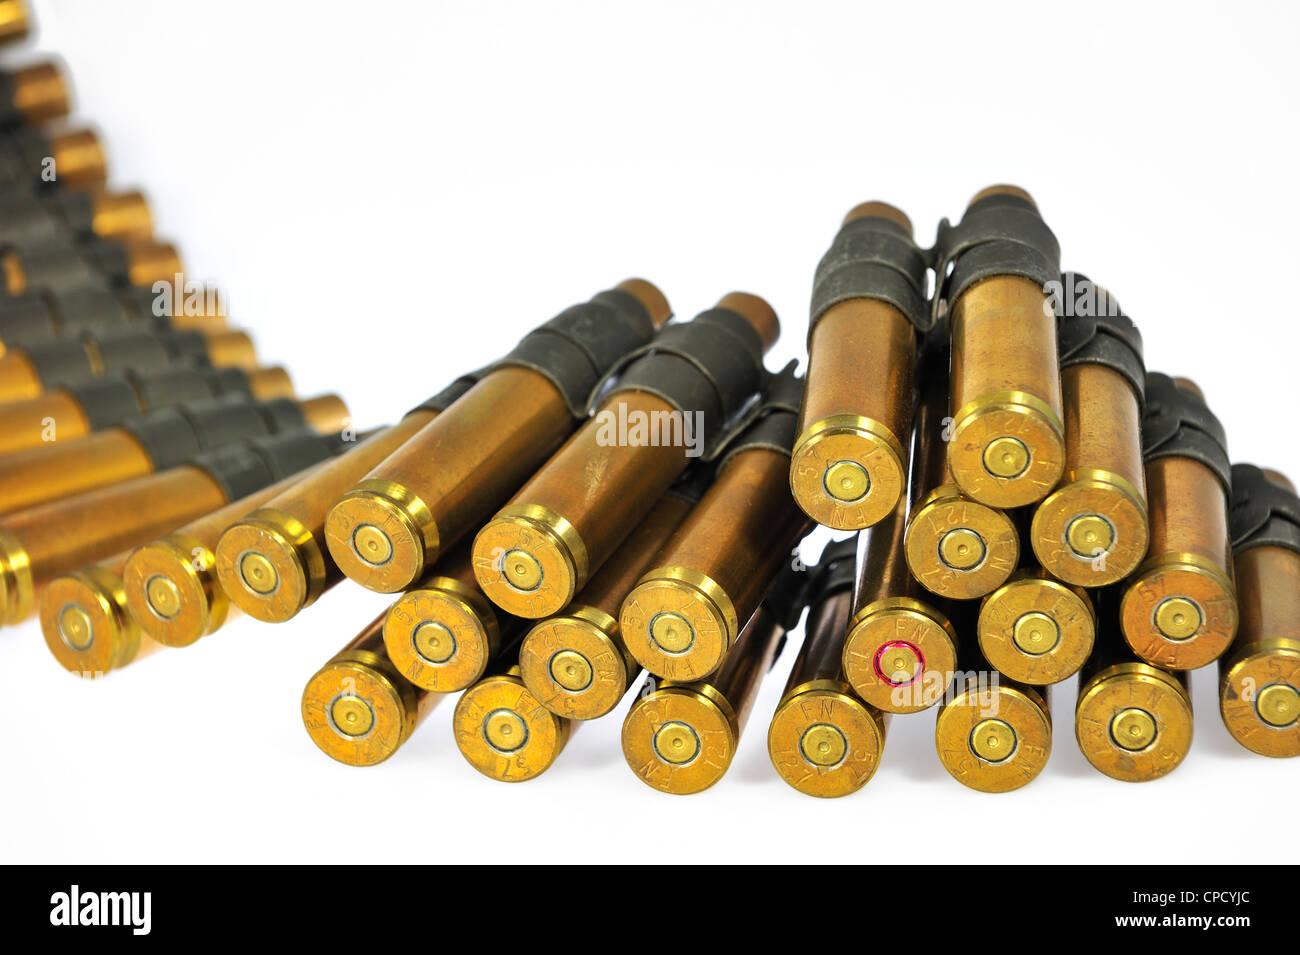 50 cal machine gun ammo